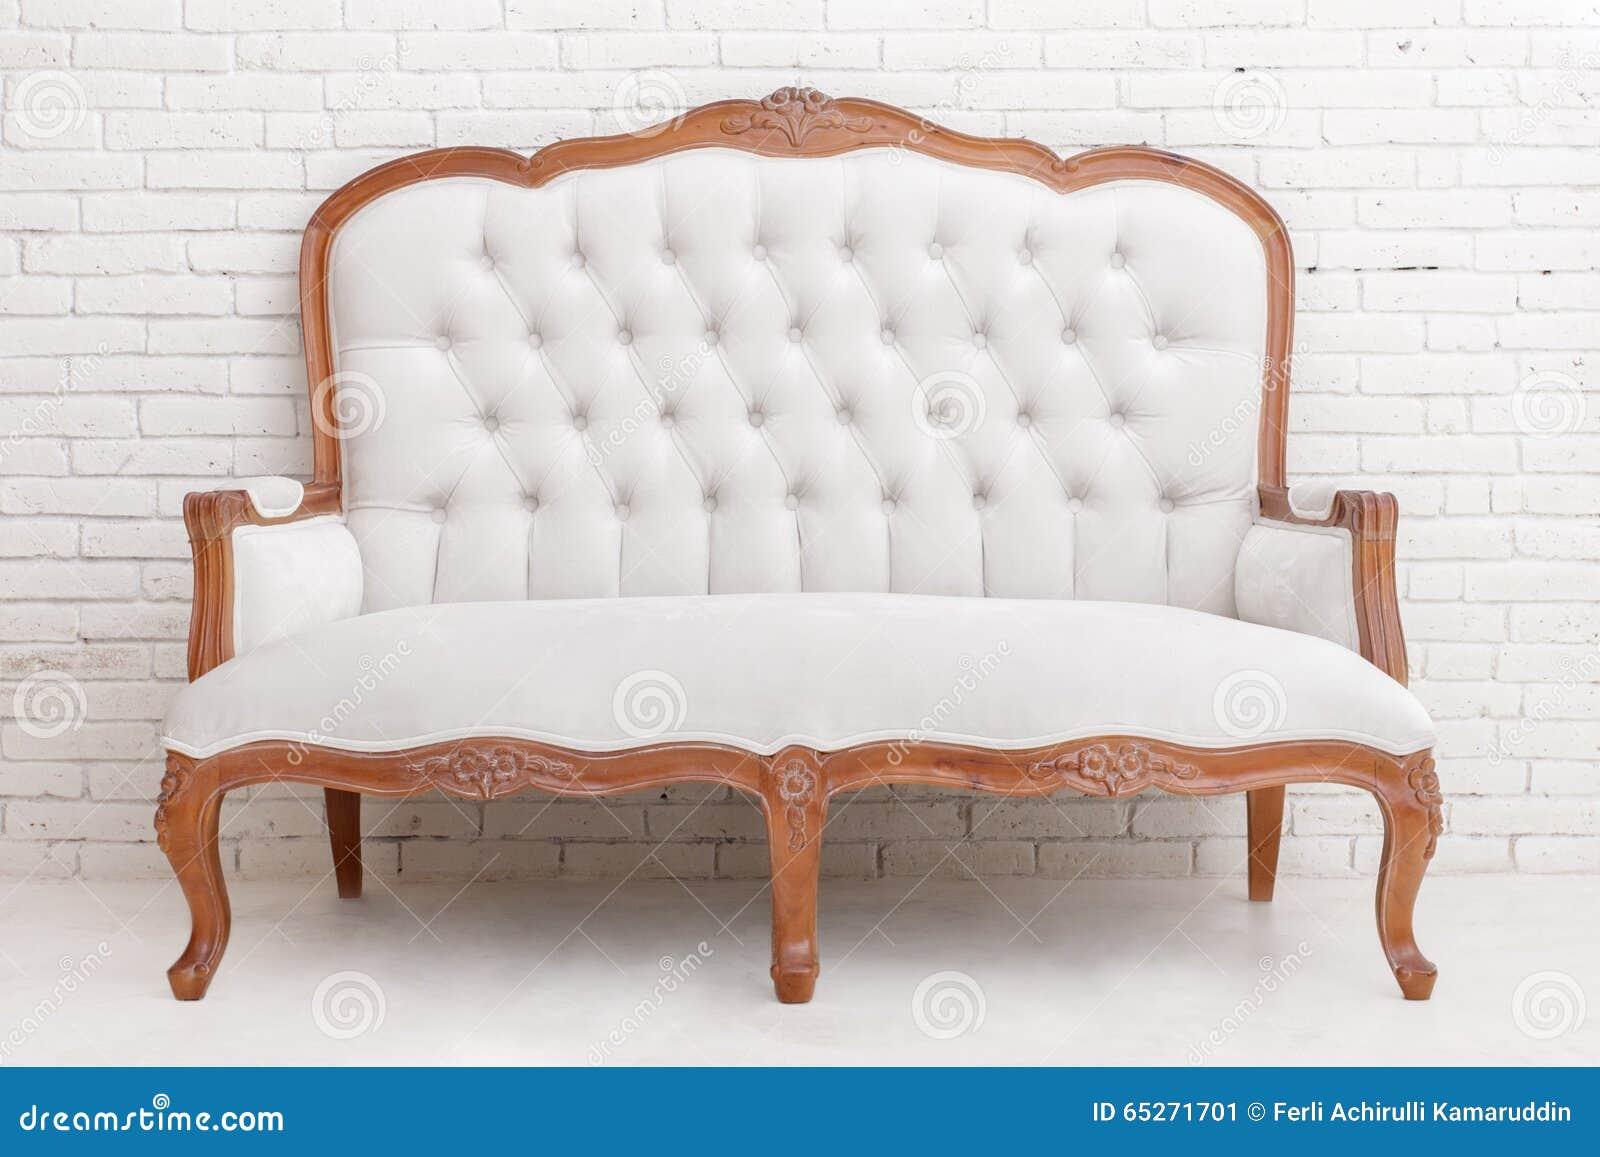 白色古典样式沙发充分的画象在白色砖墙上的.图片